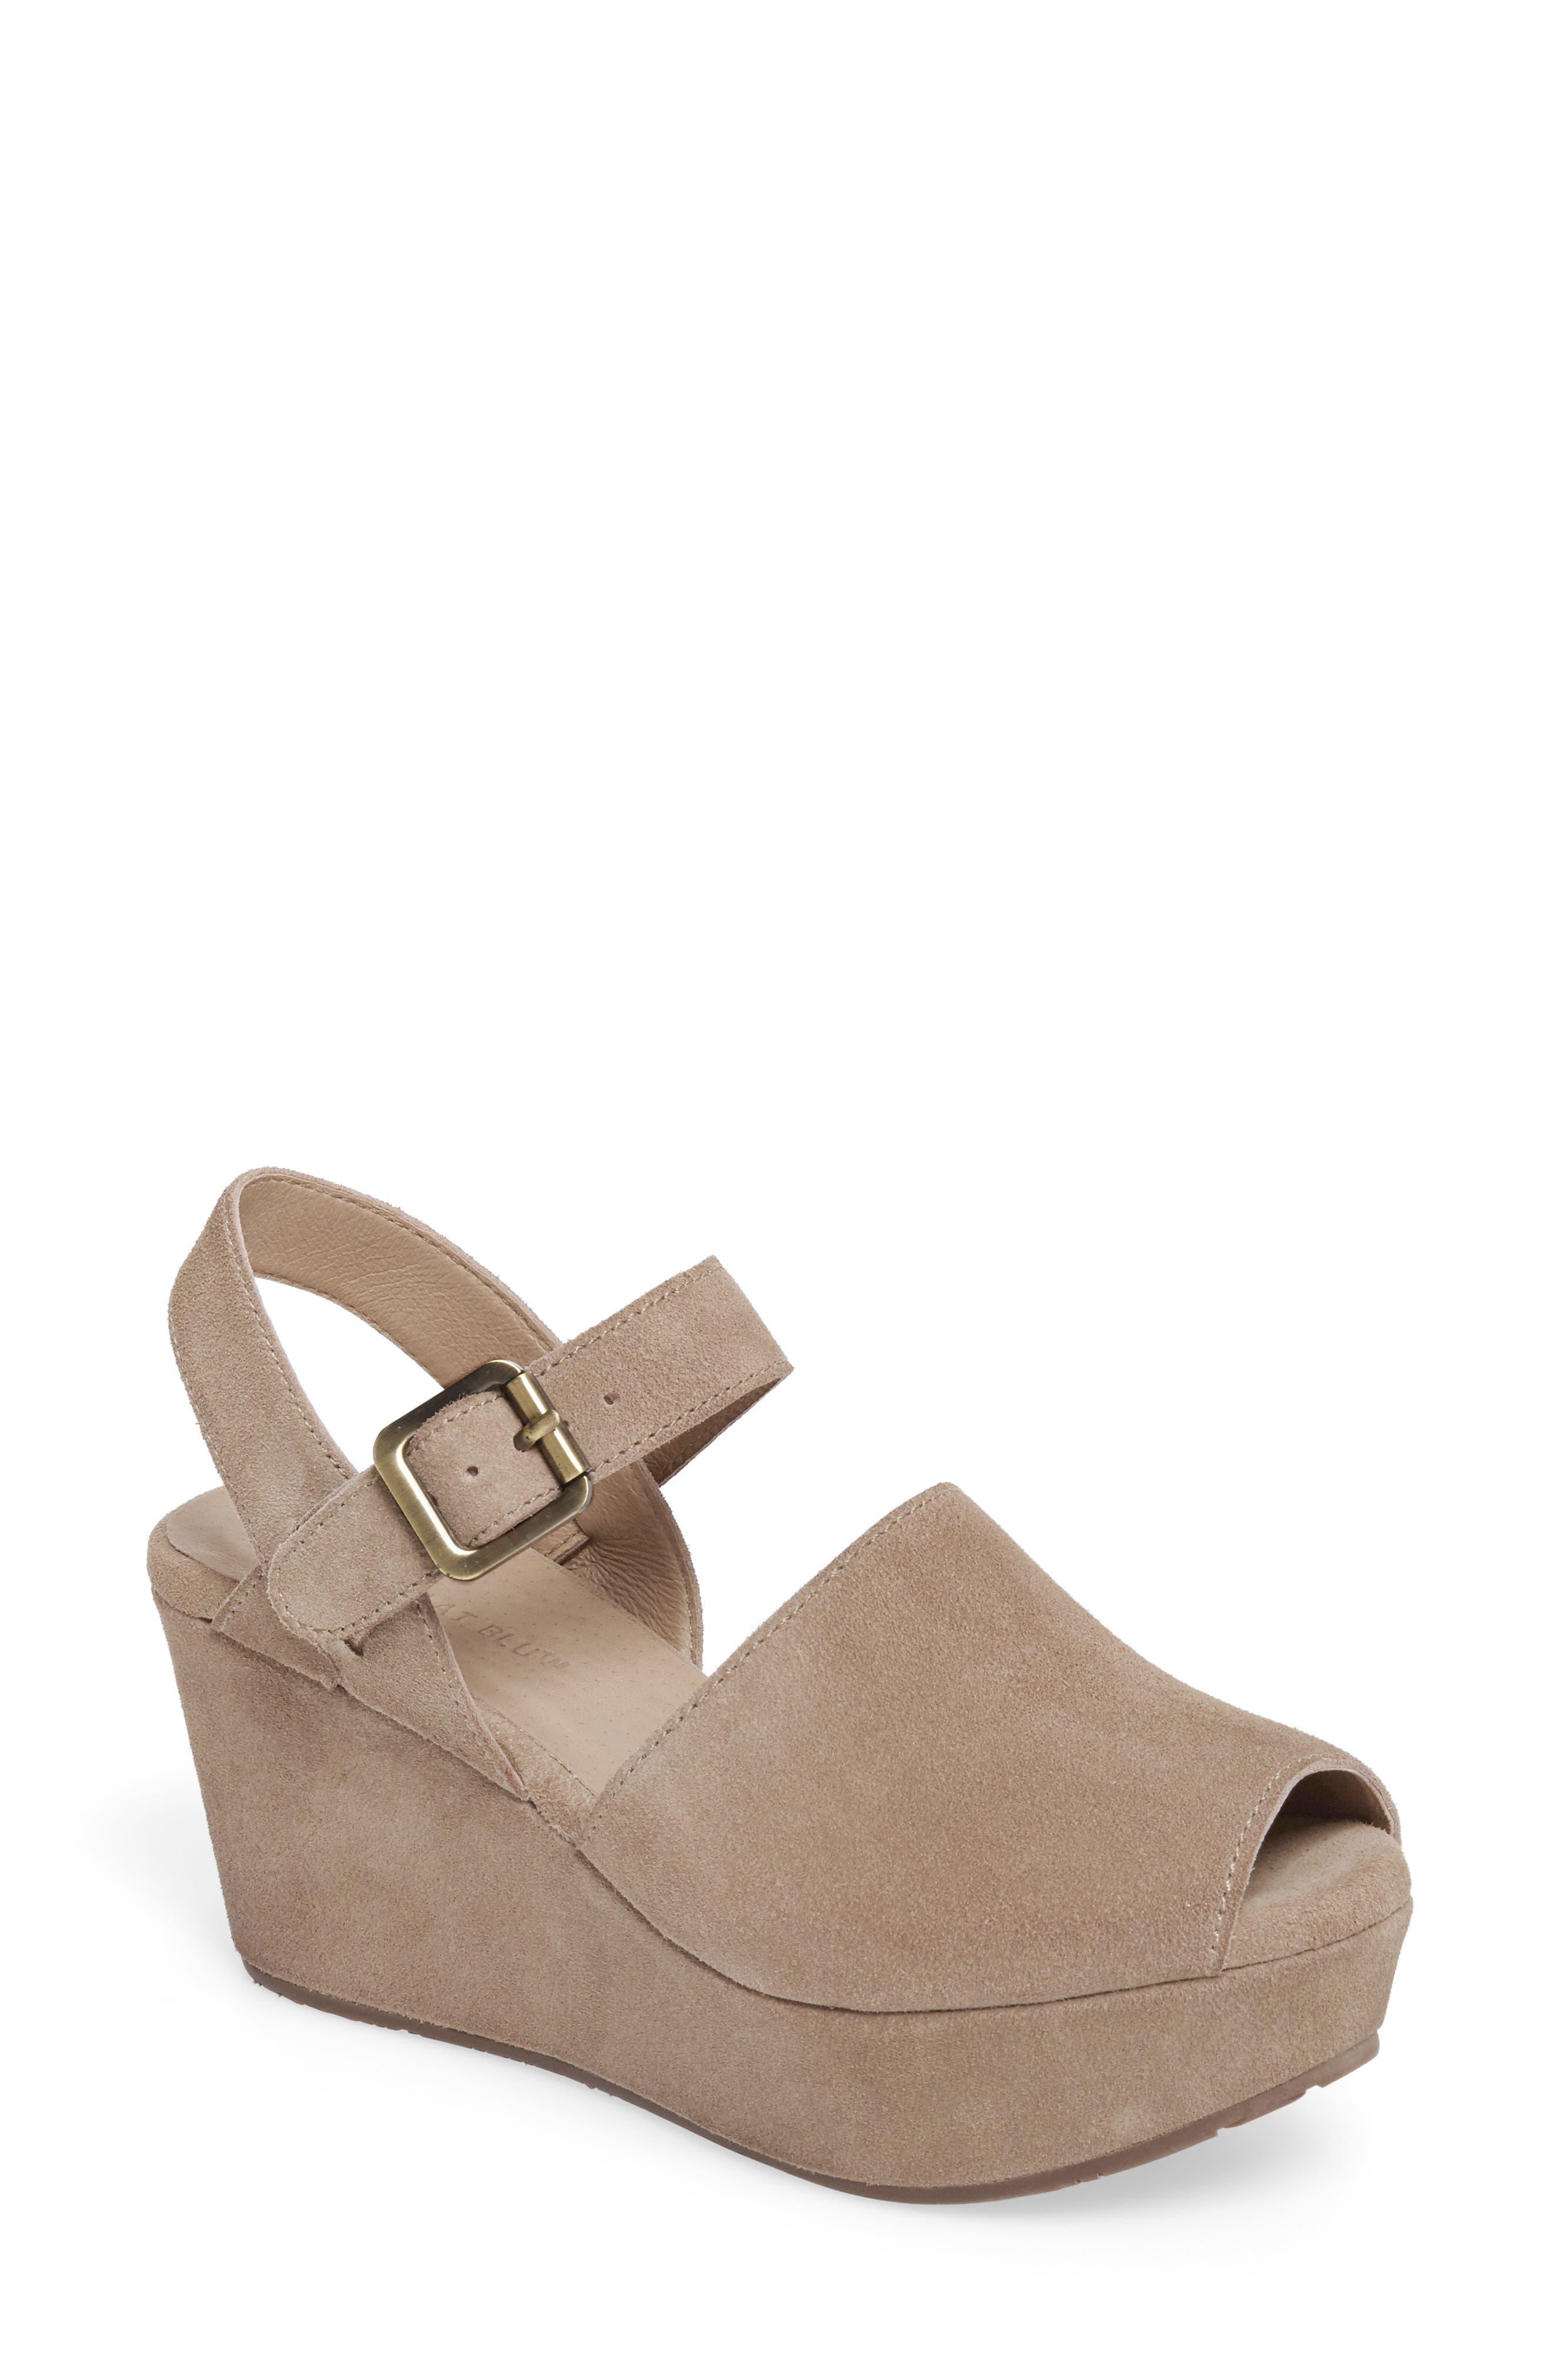 Main Image - Chocolat Blu Wagga Platform Wedge Sandal (Women)